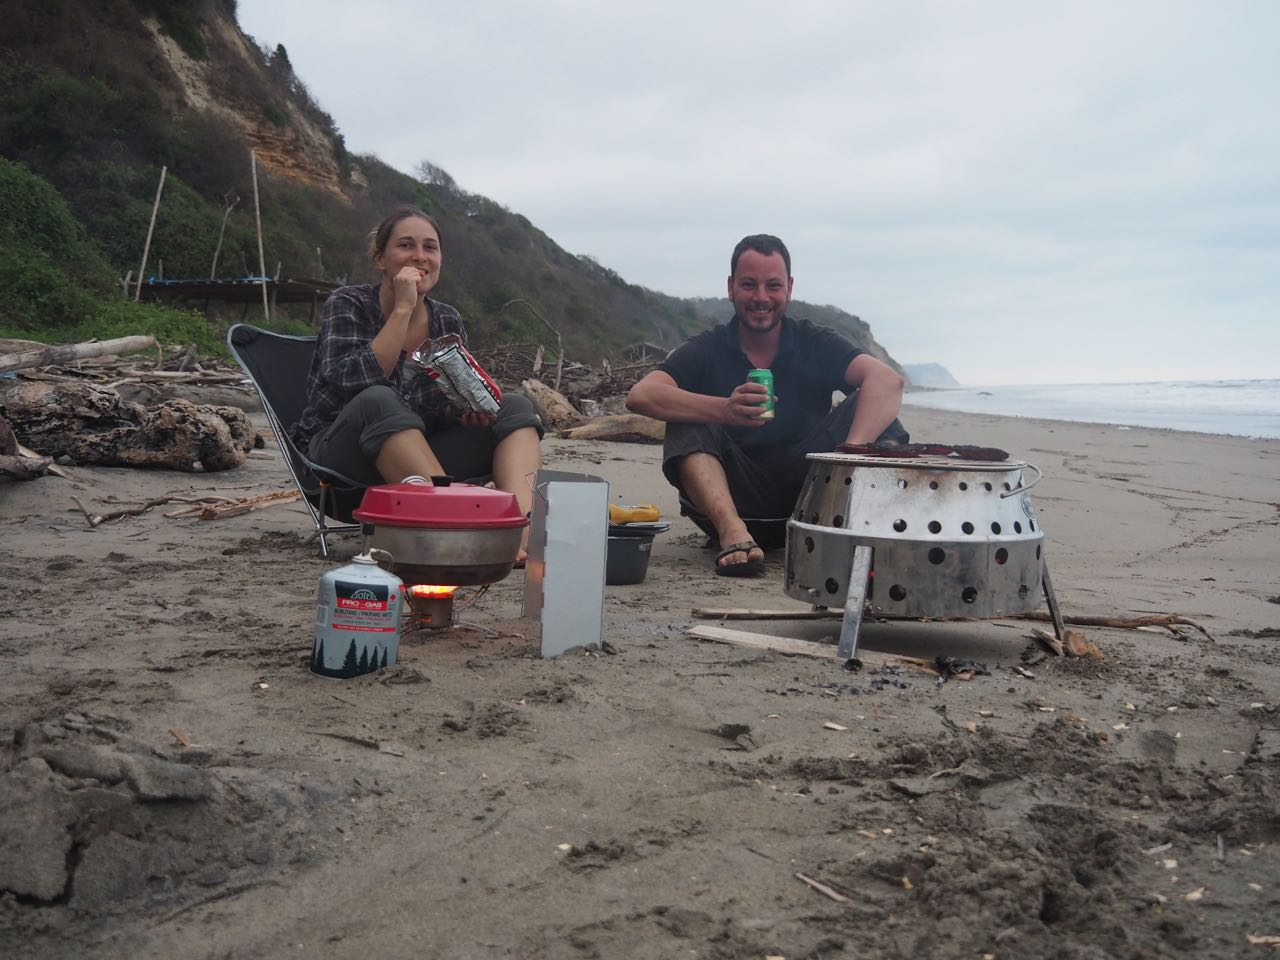 Wir geniessen das Grillieren direkt am Meer.